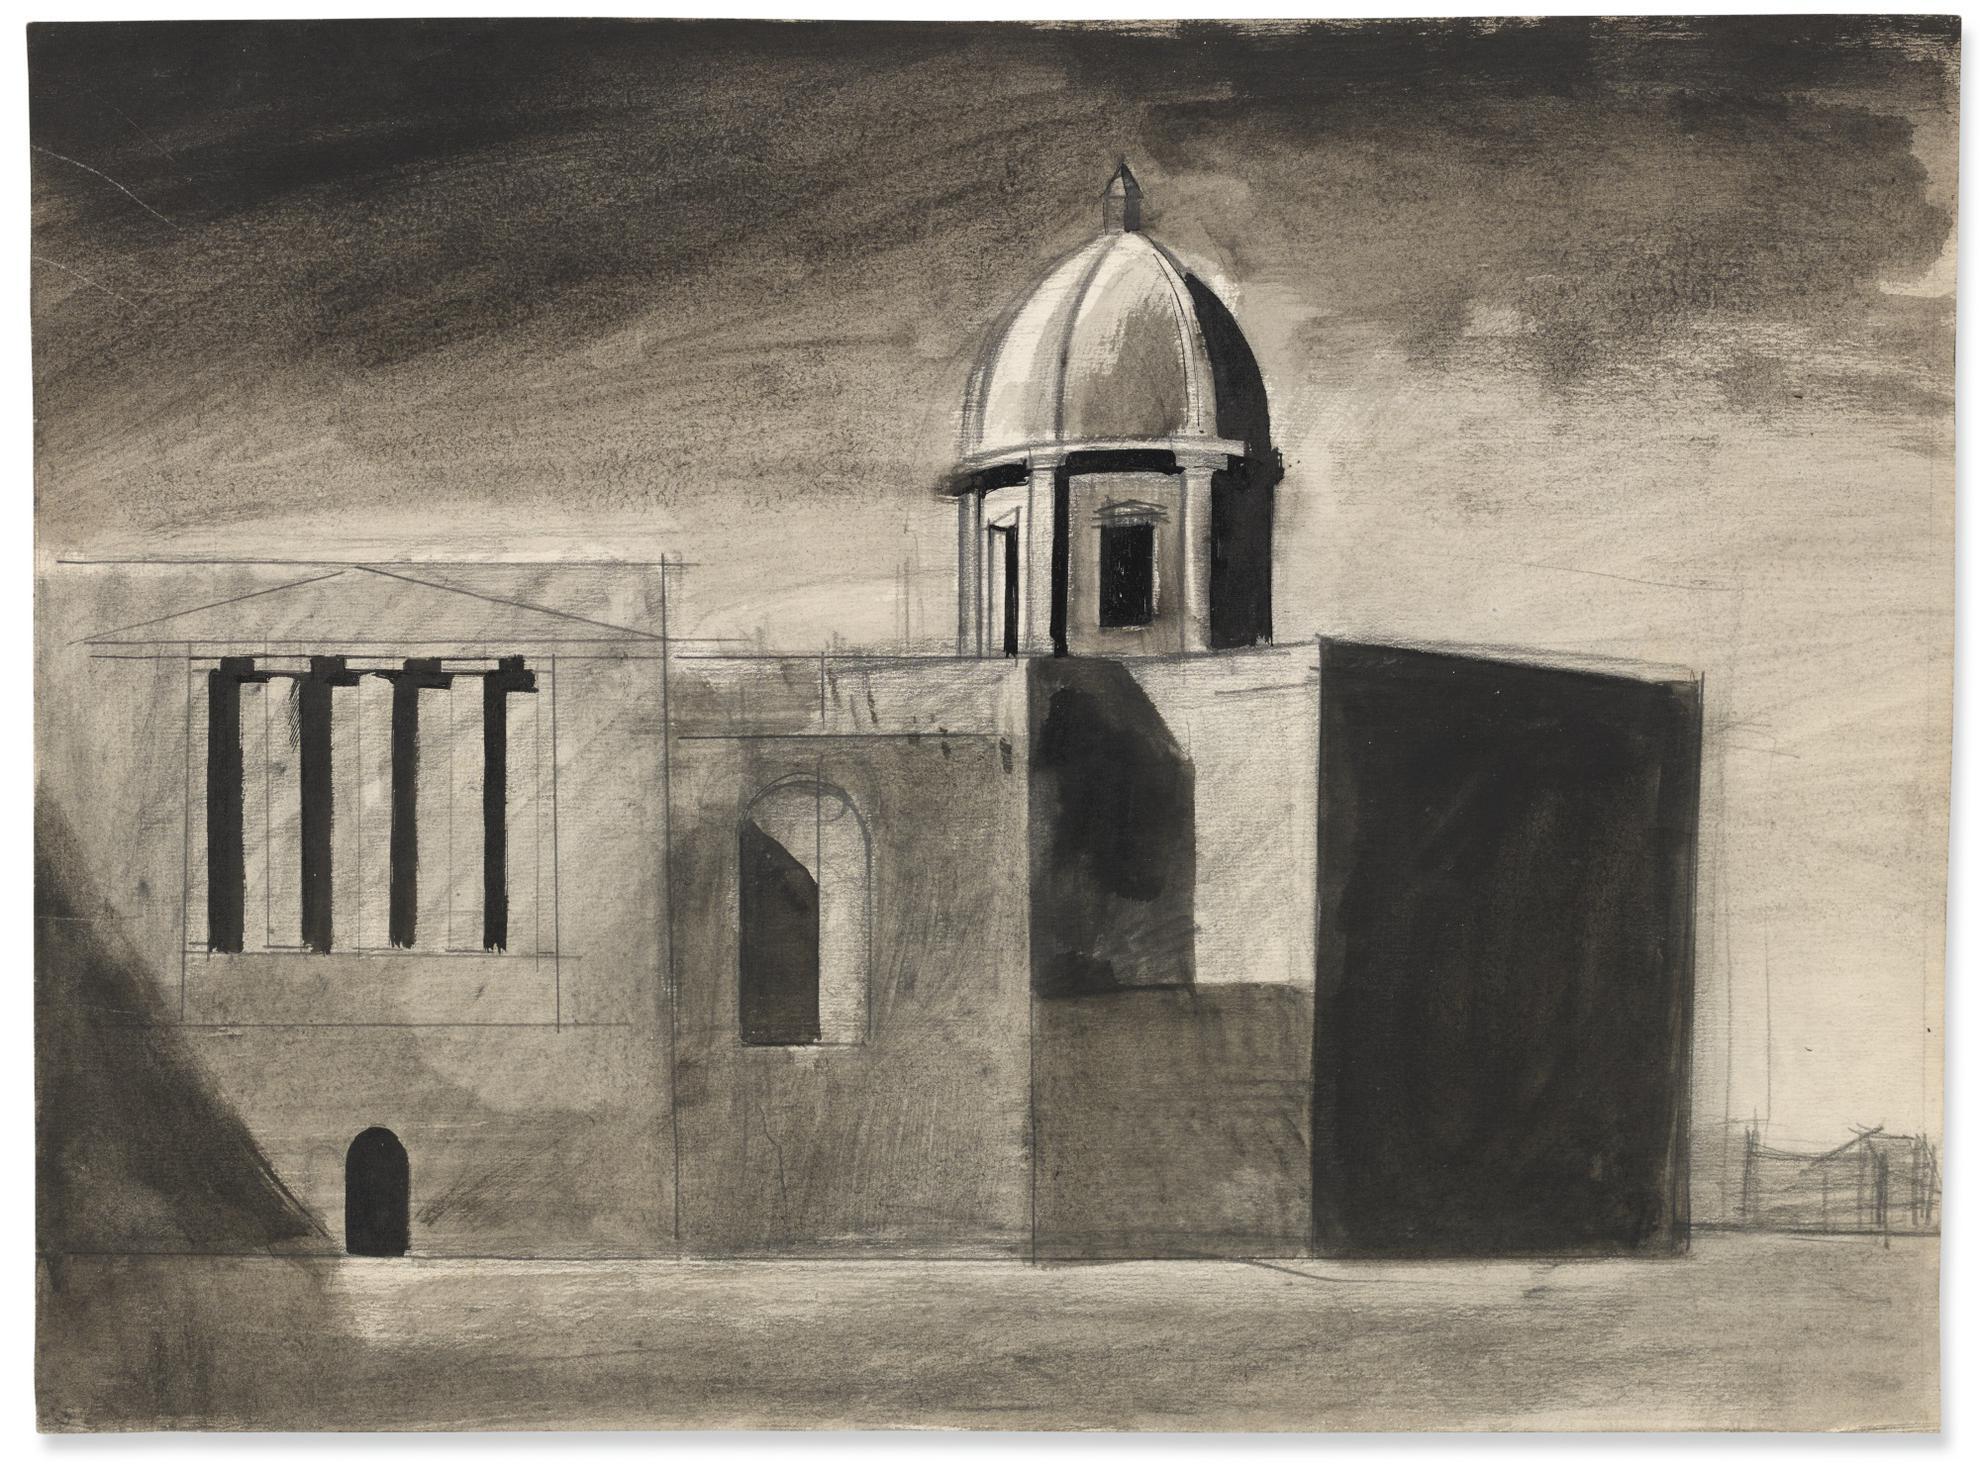 Mario Sironi-Composizione - Architettura Urbana-1925